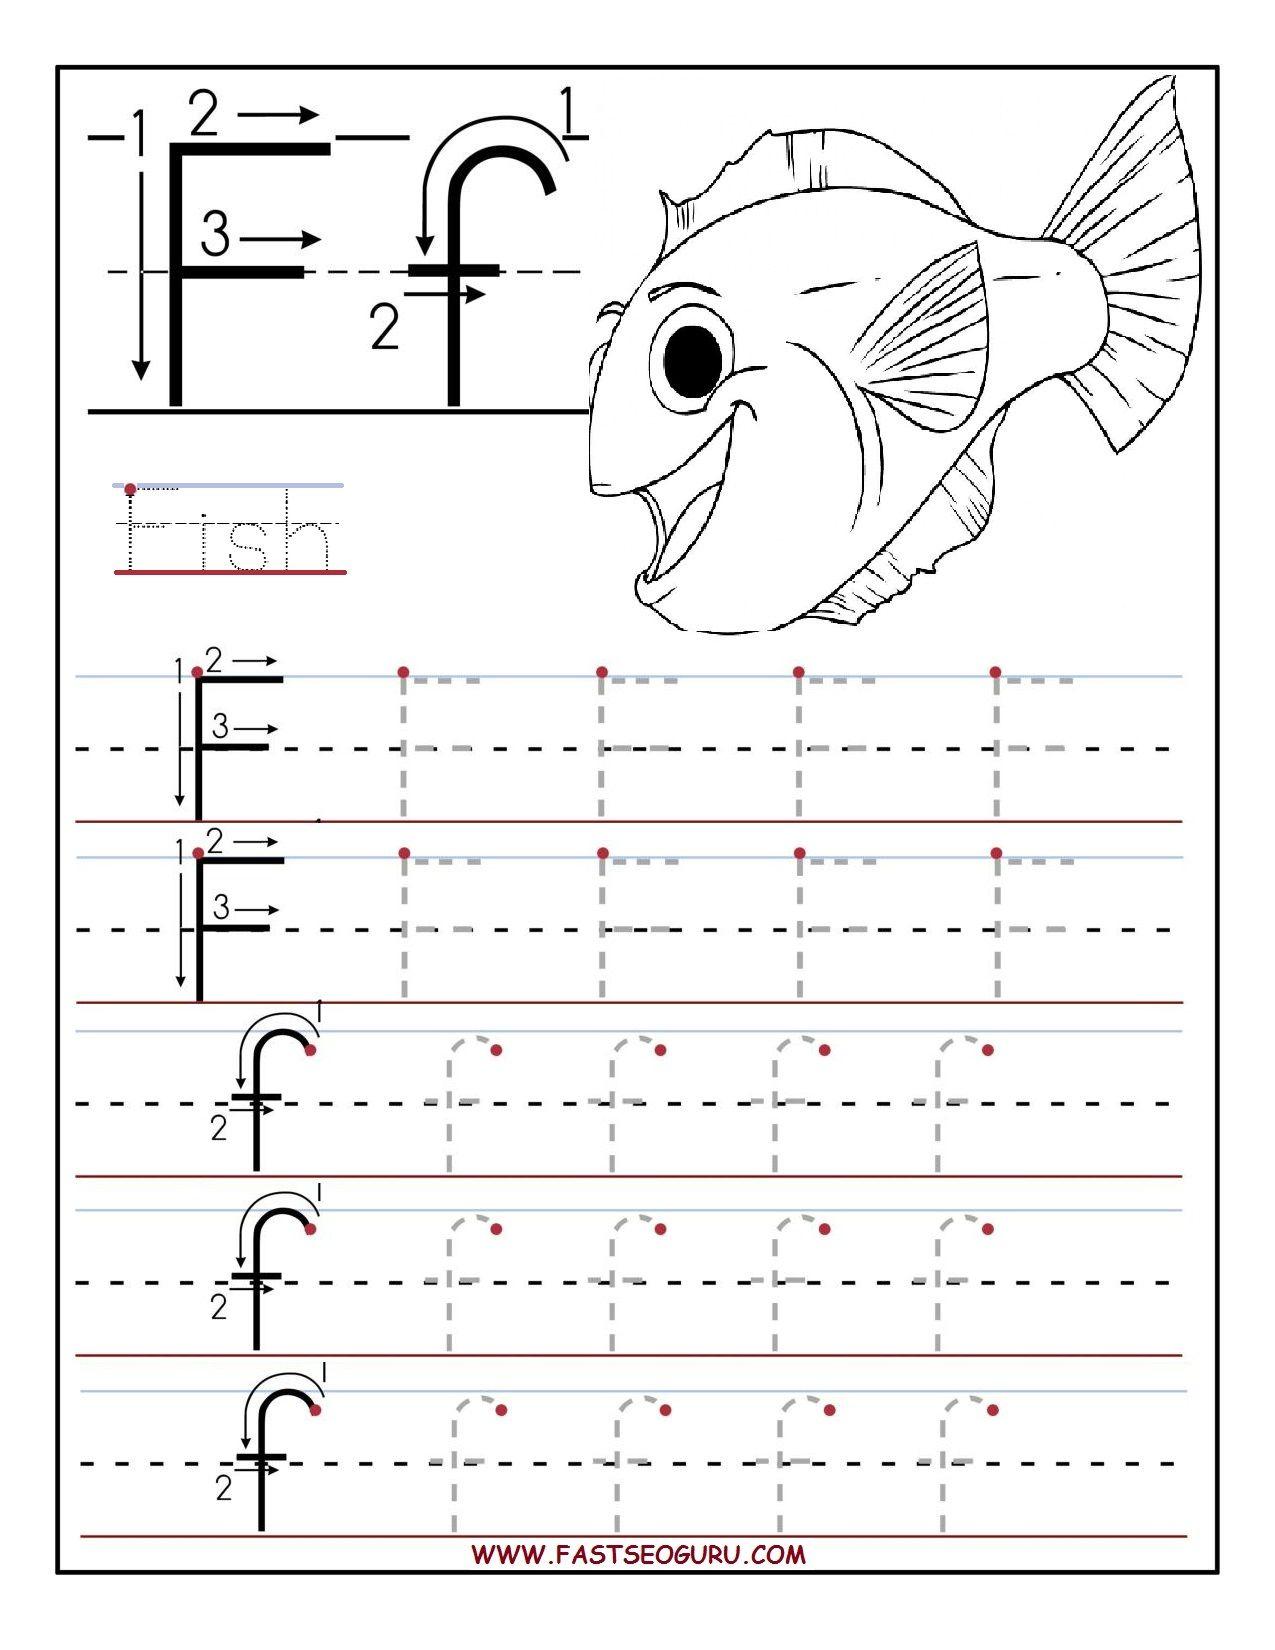 Printable Letter F Tracing Worksheets For Preschool | April in Letter F Worksheets Prek